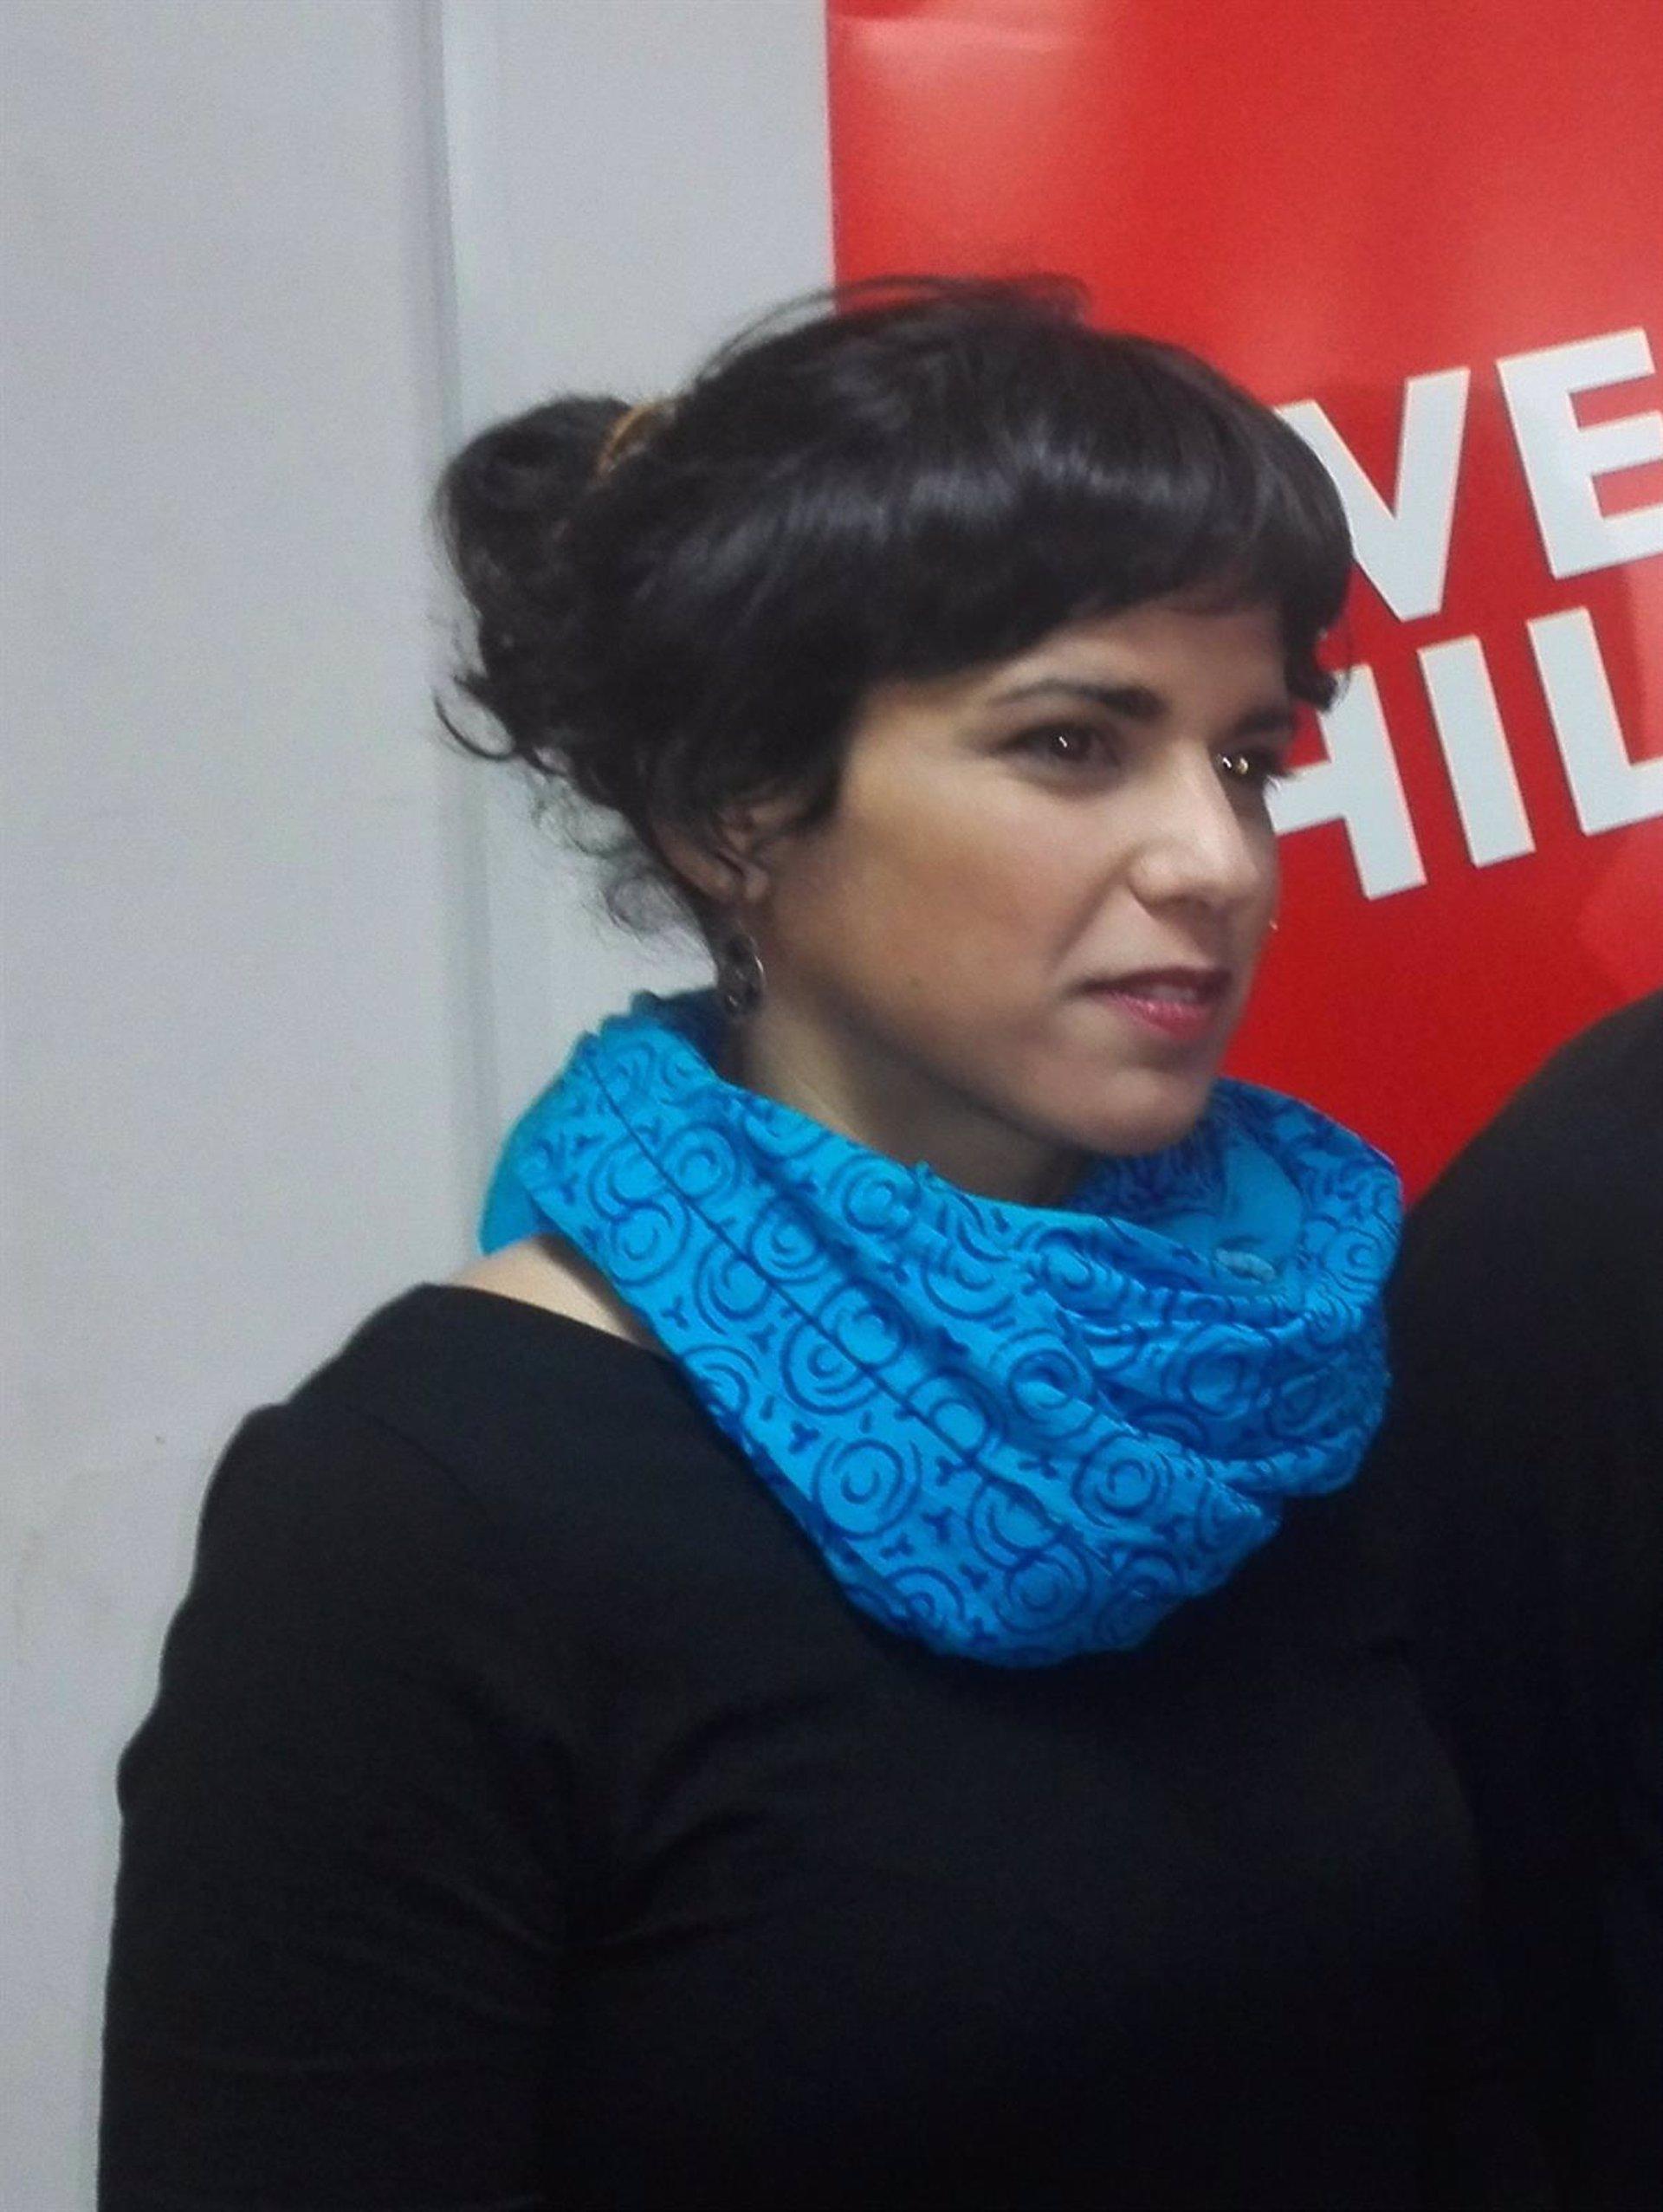 Rodríguez Podemos Tramita Una Queja Formal Contra Tve Ante El Caa Por Difundir Una Supuesta Foto Suya Desnuda